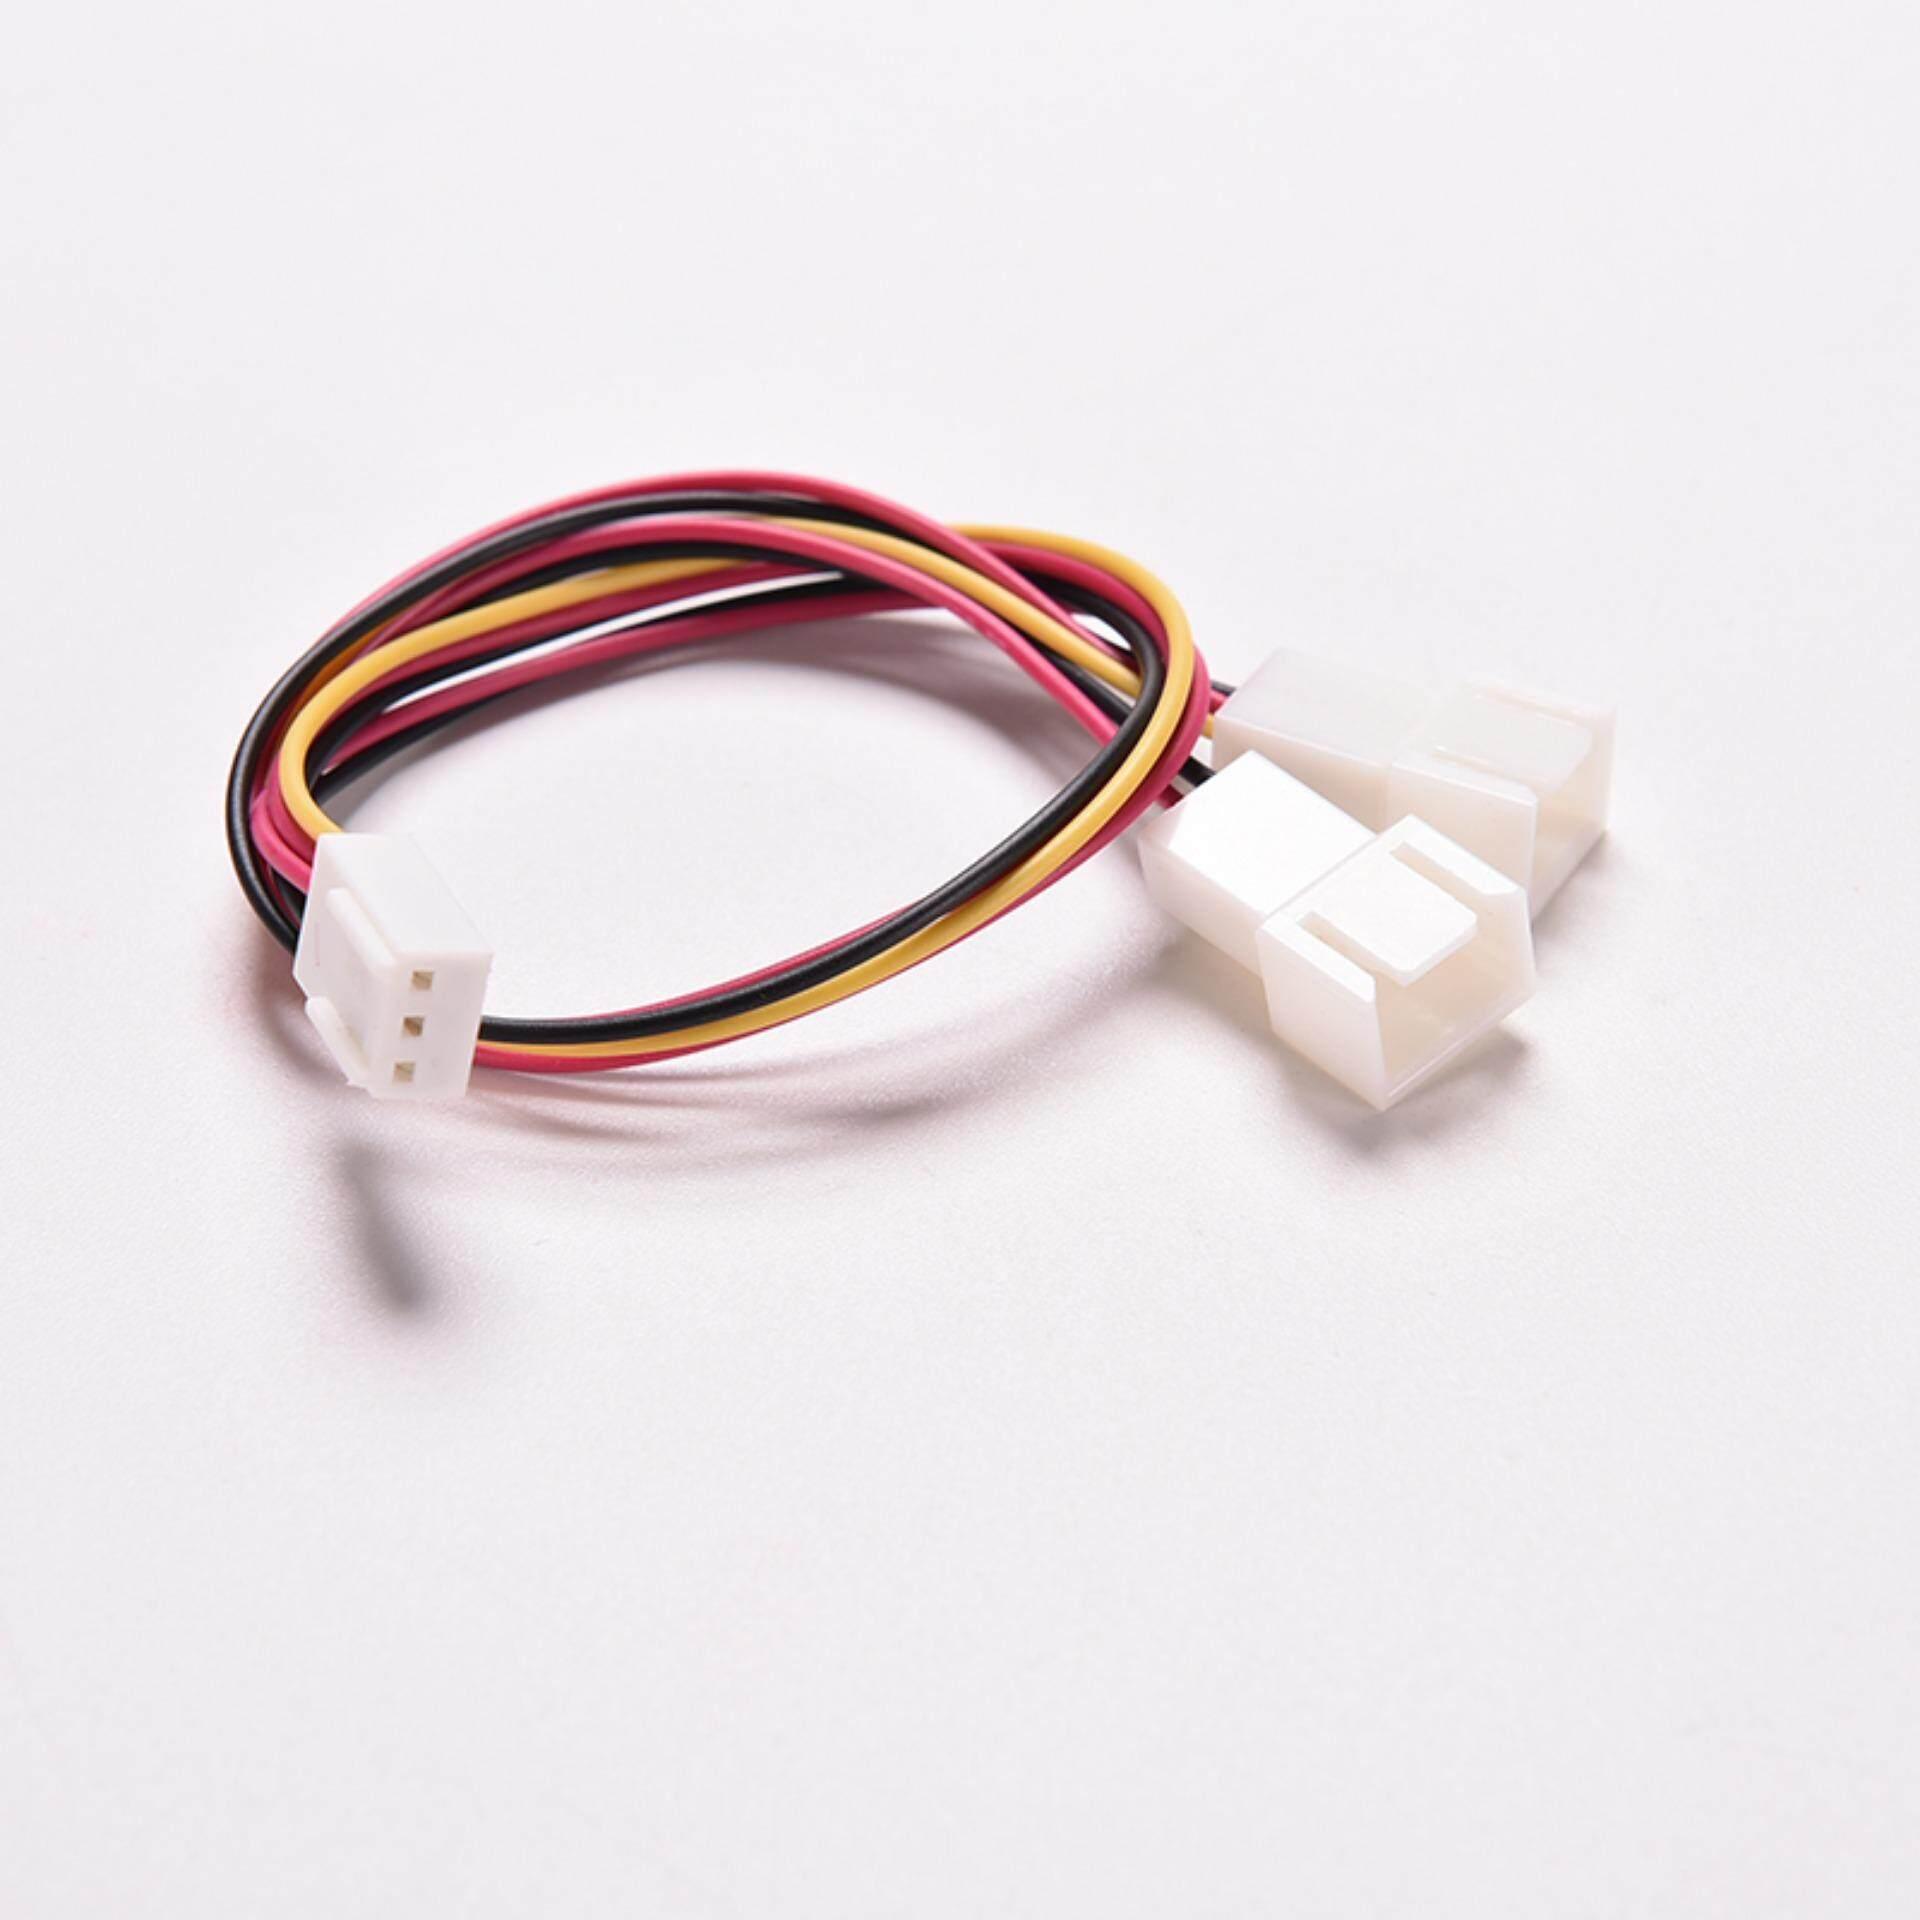 Dragon 5pcs 3 Pin Case Fan Power Splitter Cable Lead 1 Female To 2 Male Motherboard